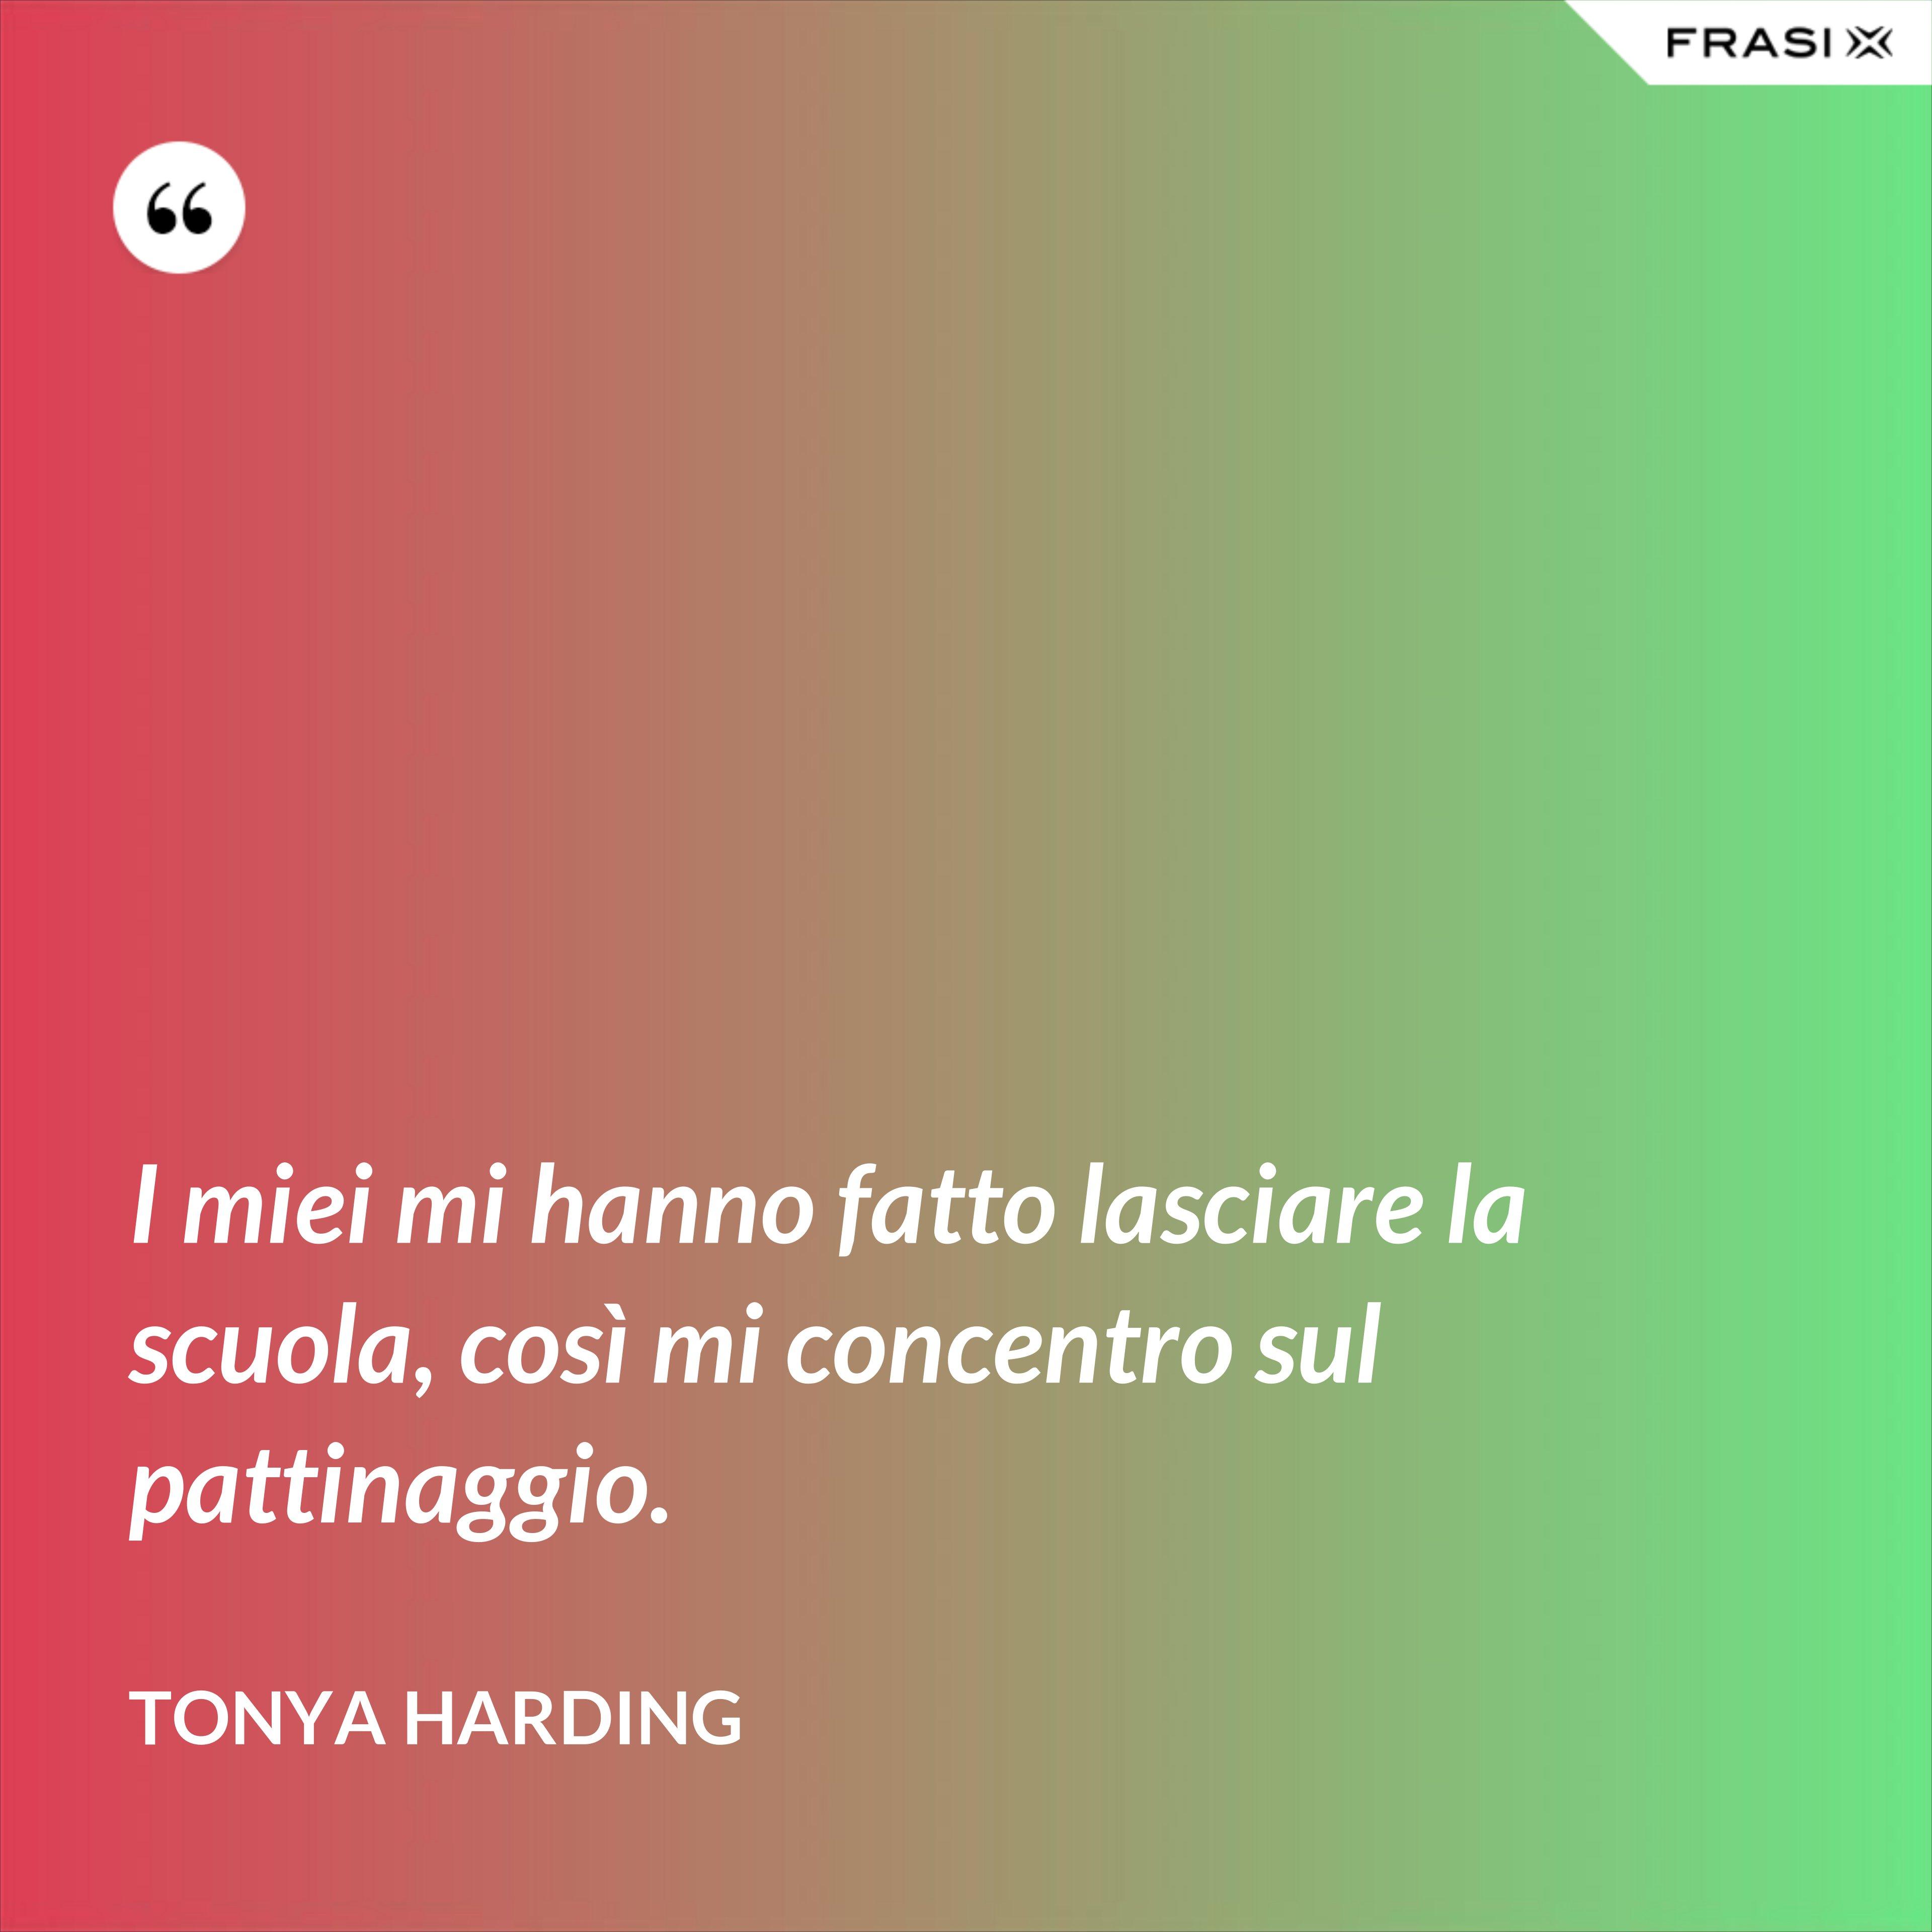 I miei mi hanno fatto lasciare la scuola, così mi concentro sul pattinaggio. - Tonya Harding